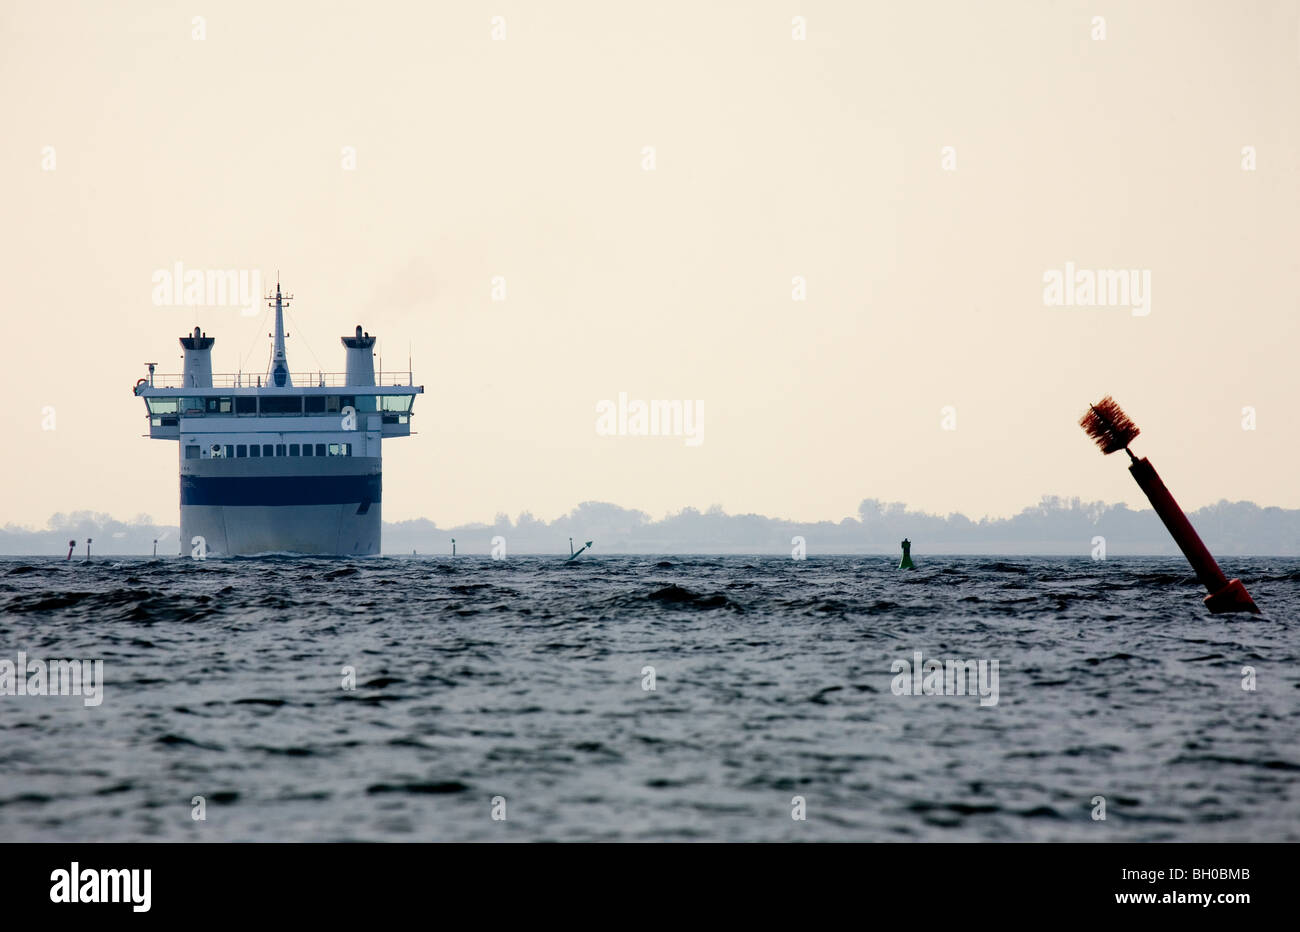 A ferry from Ærøfærgerne arrives at Rudkøbing. - Stock Image